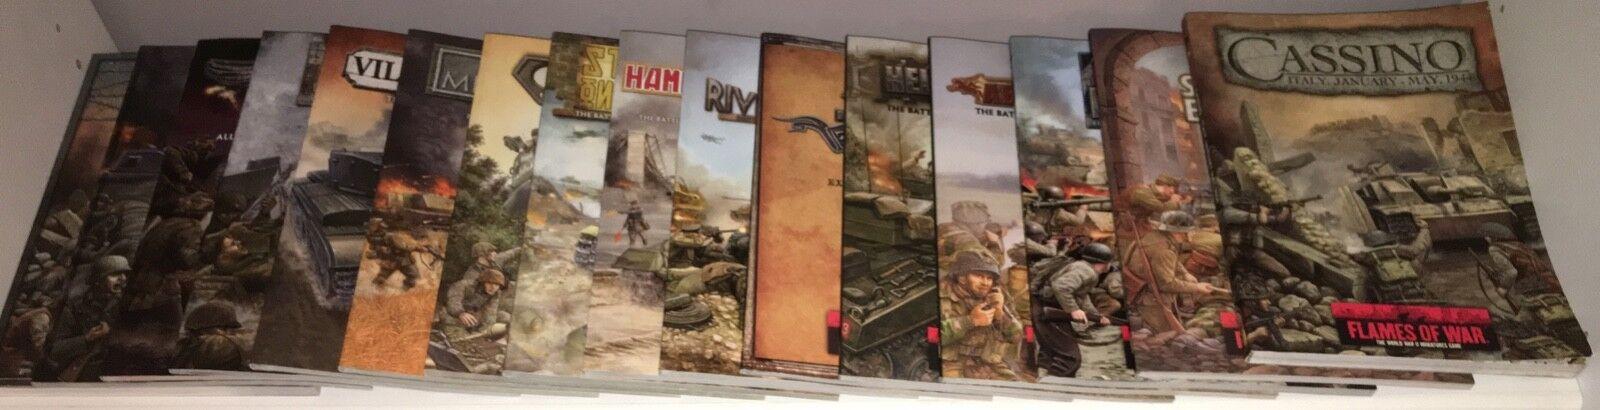 Flames of War 16 Intelligence Handbooks + The Art of War, Battlefront Miniatures